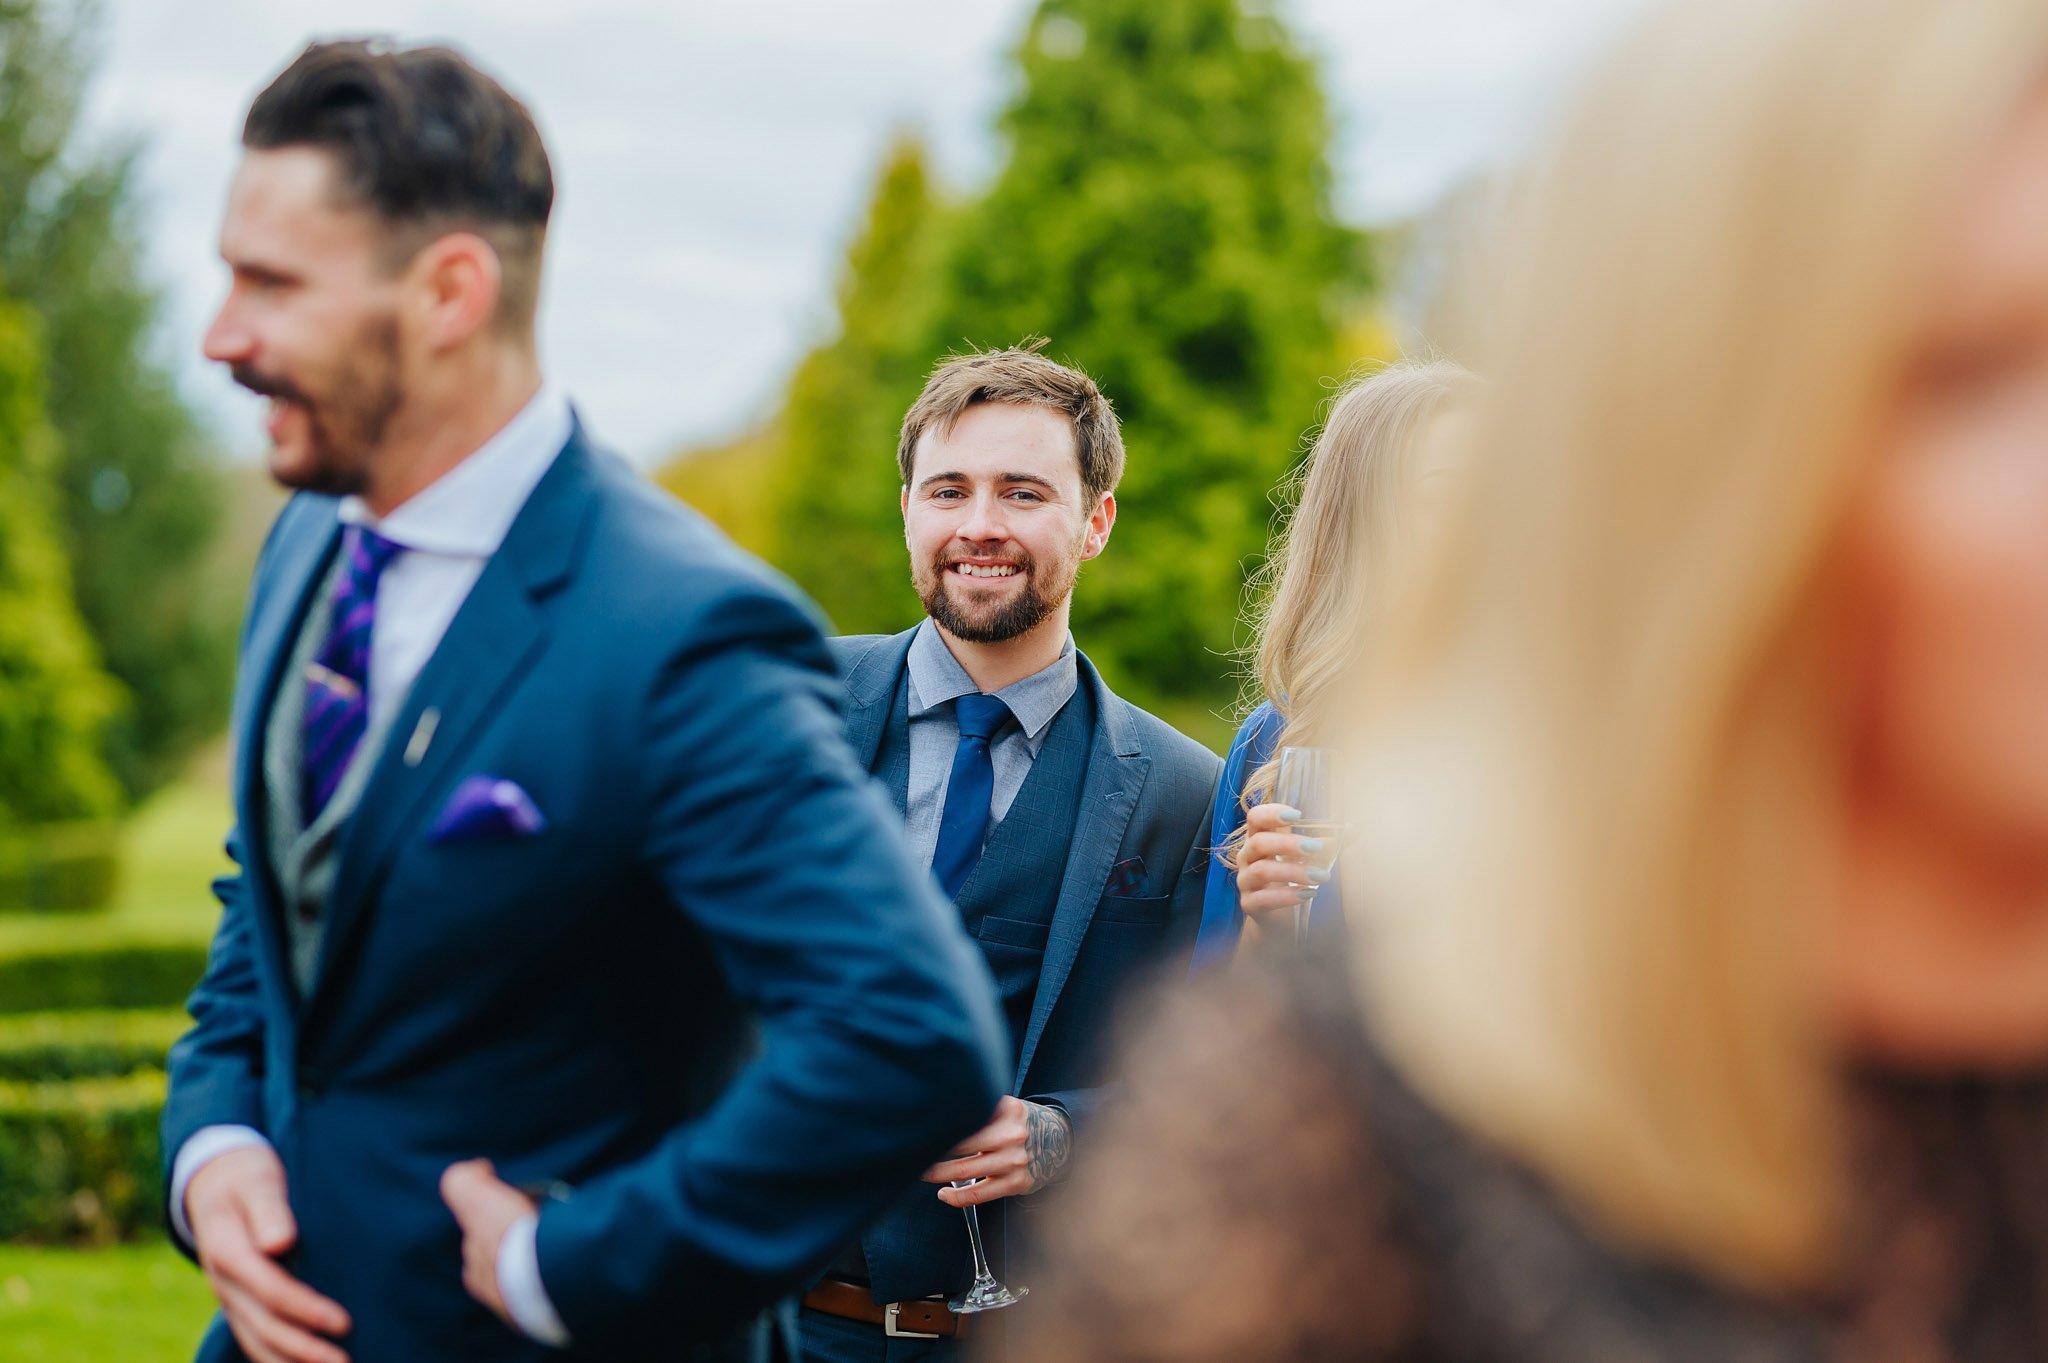 Lemore Manor wedding, Herefordshire - West Midlands | Sadie + Ken 54